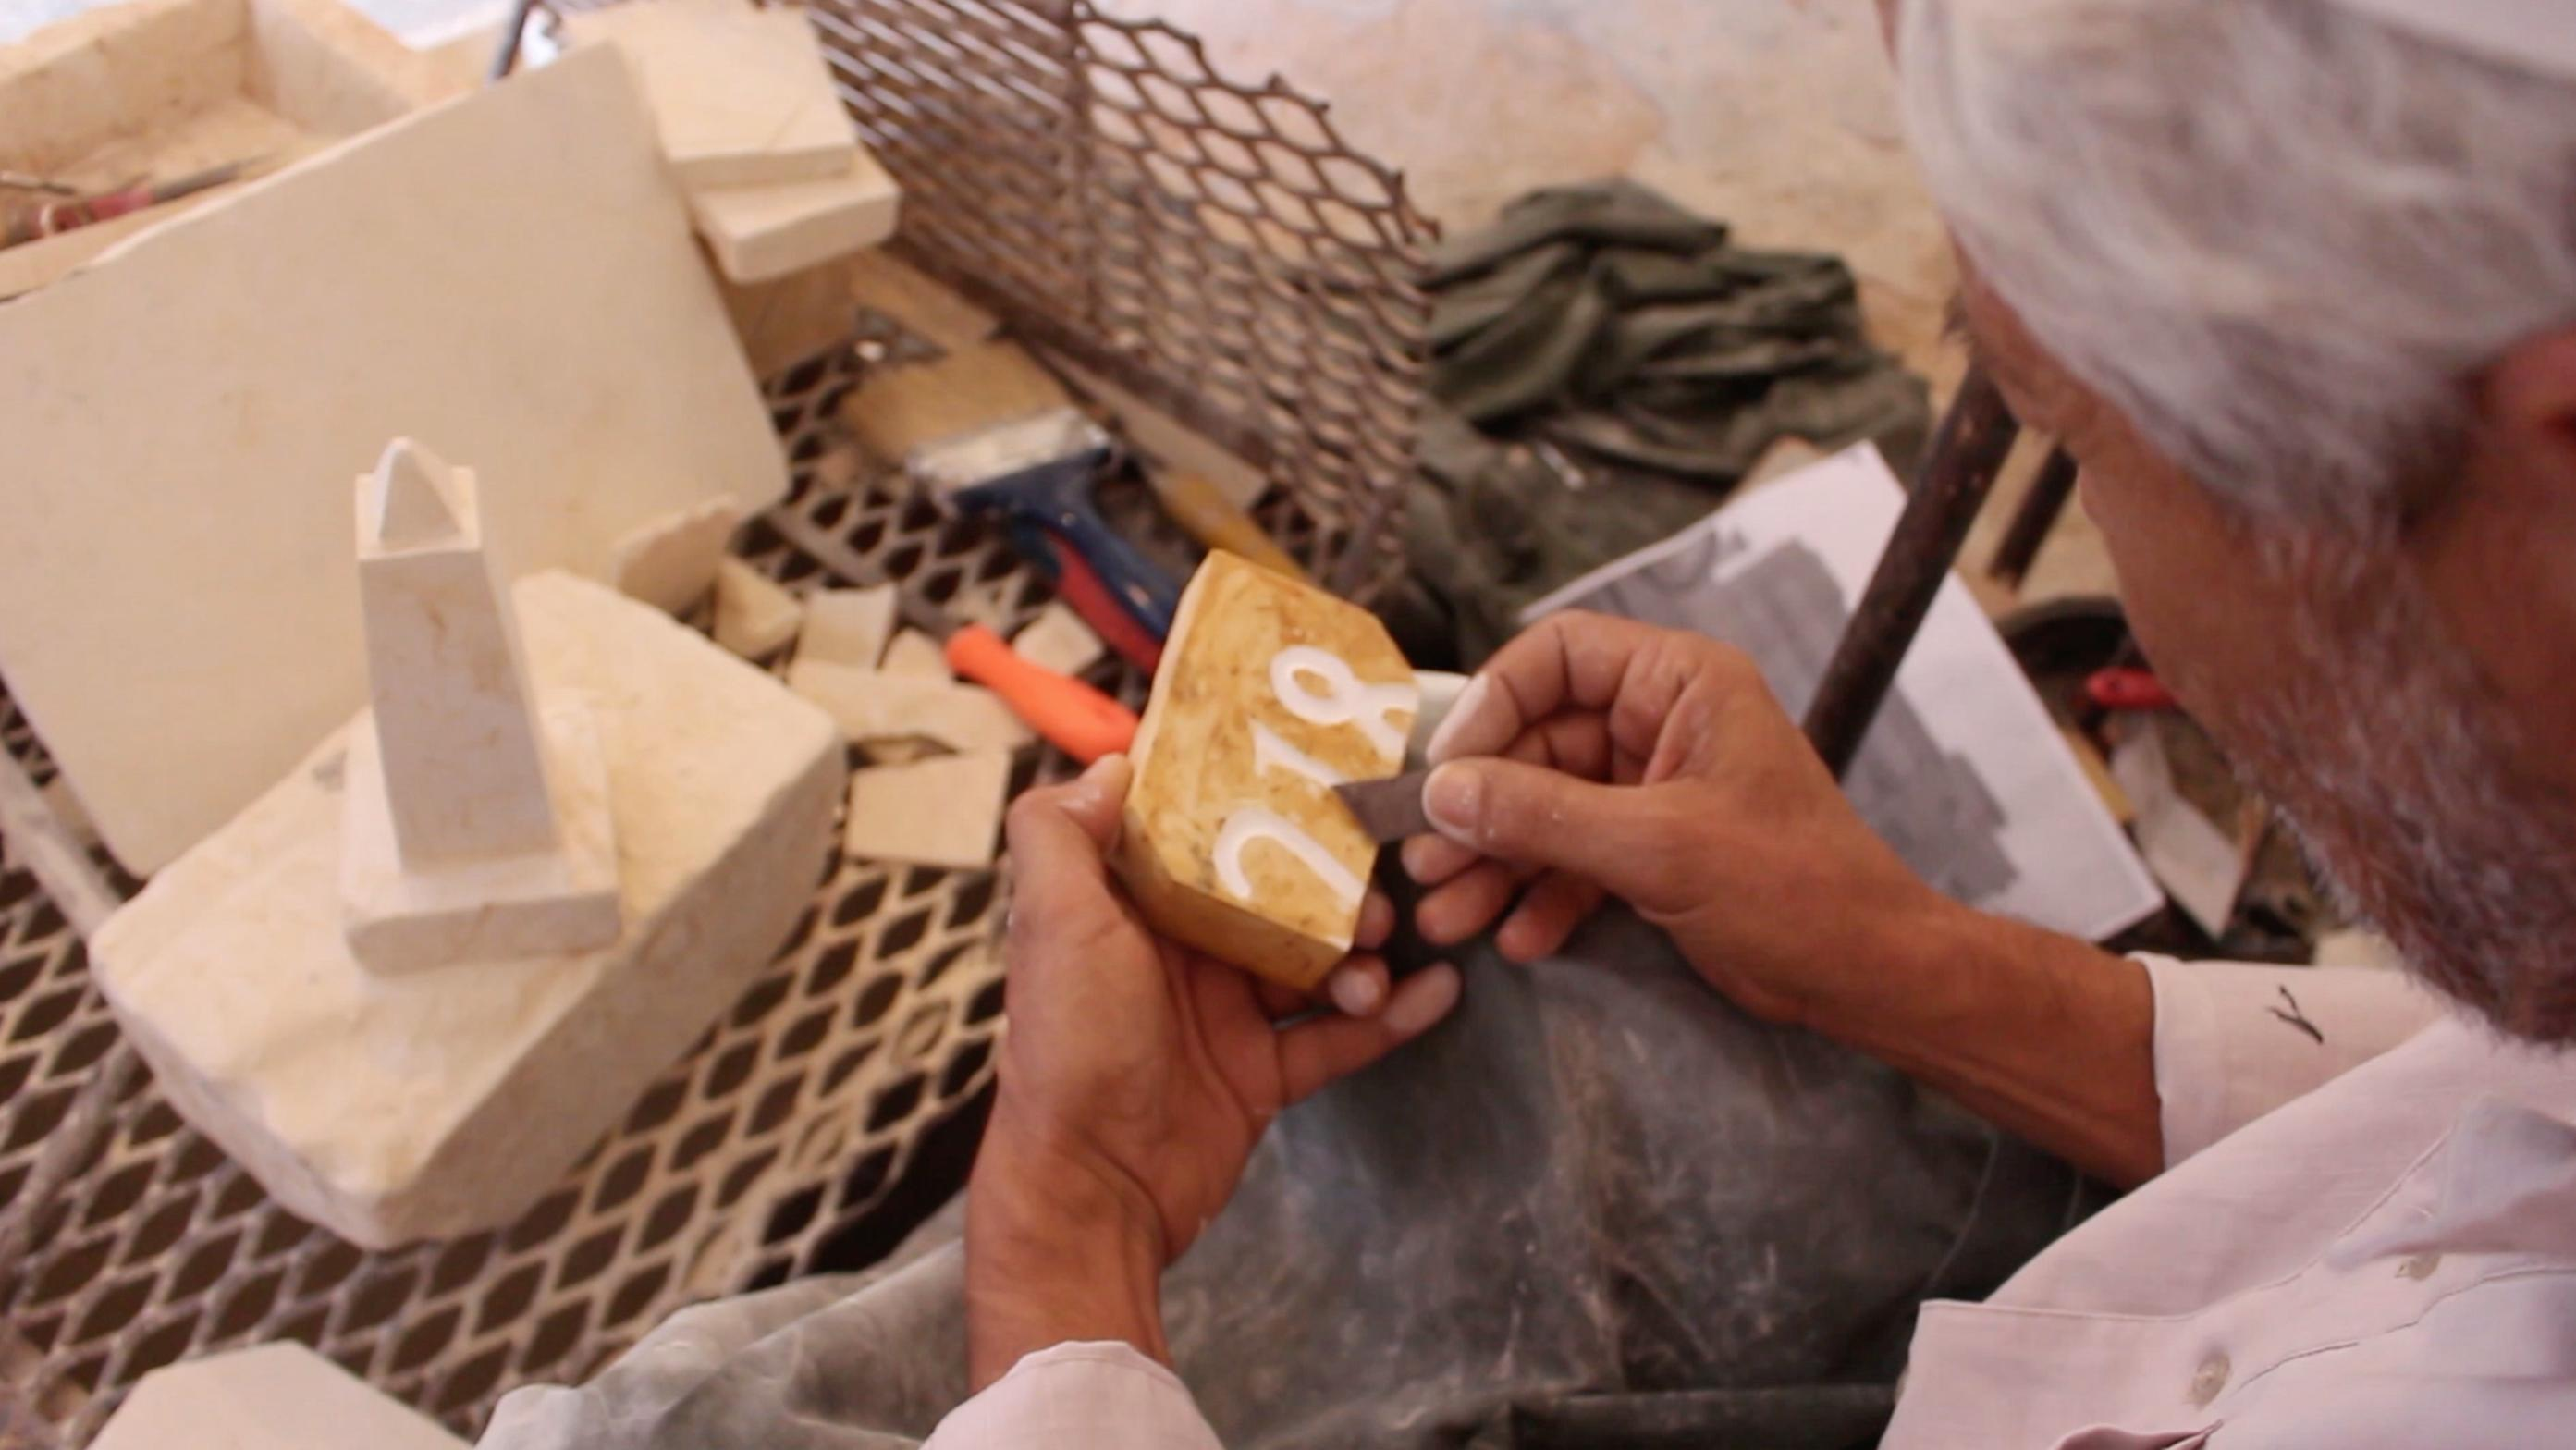 النحات عبد الحميد الطاهر المختار من مدينة بني وليد